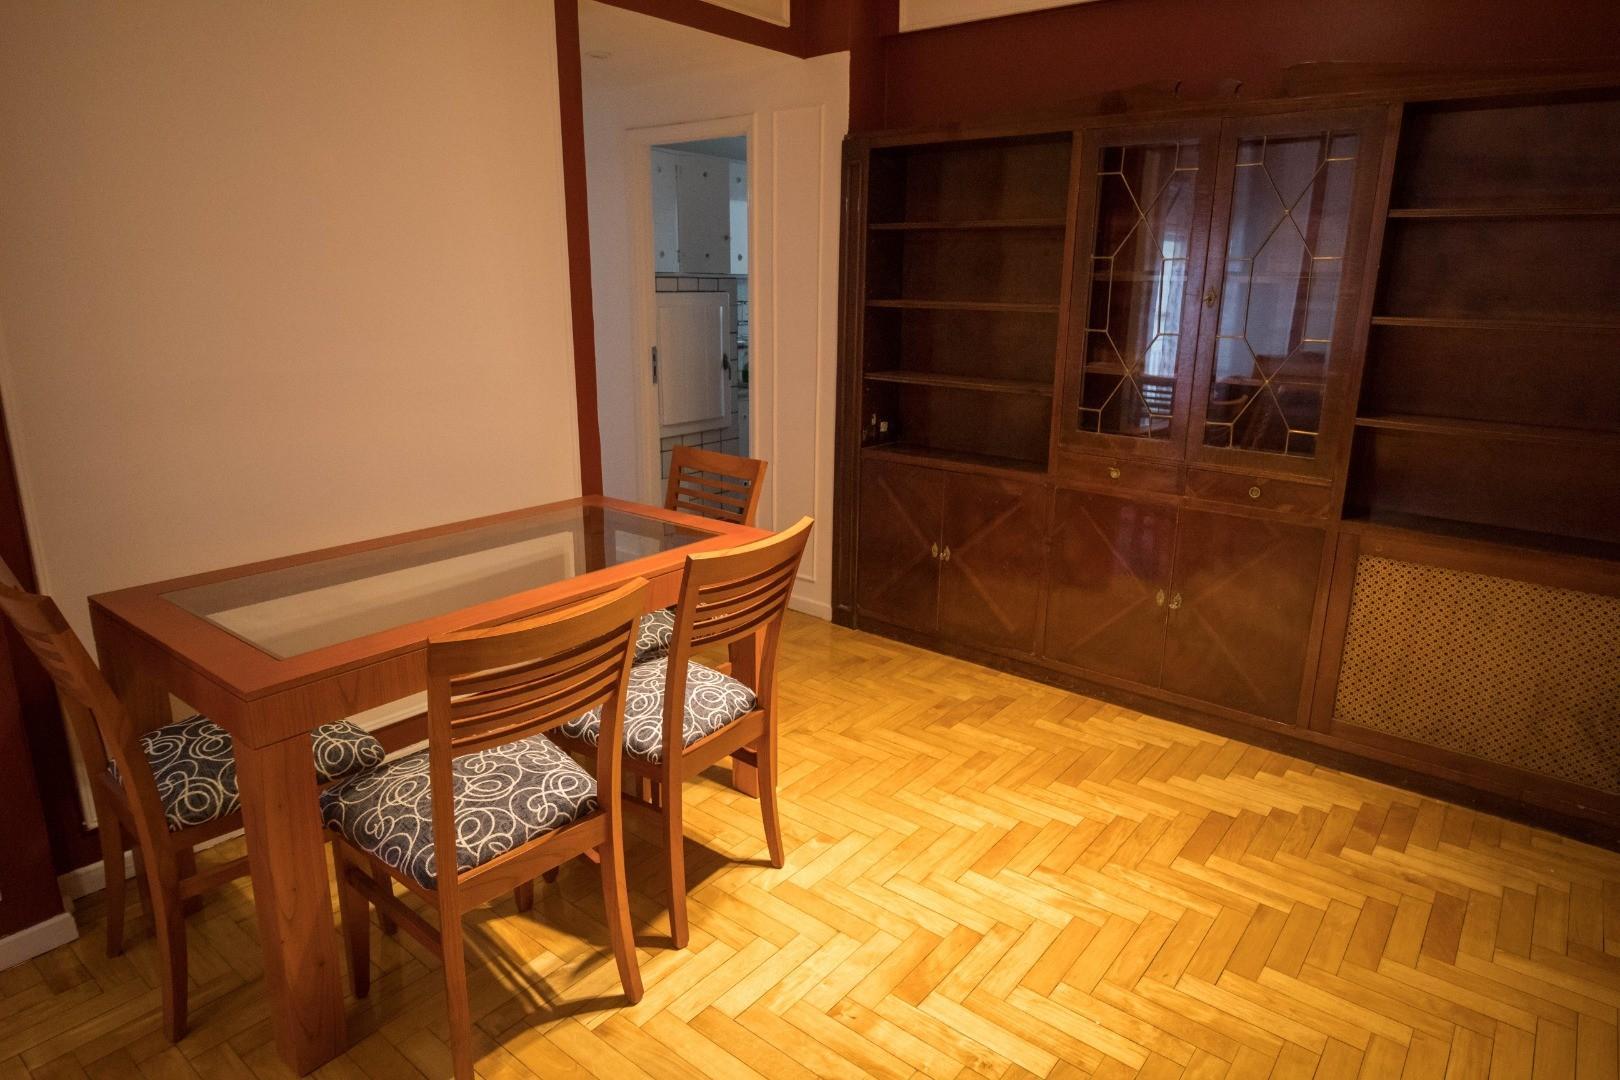 Departamento en Alquiler Por Temporada - 3 ambientes - $ 29.000